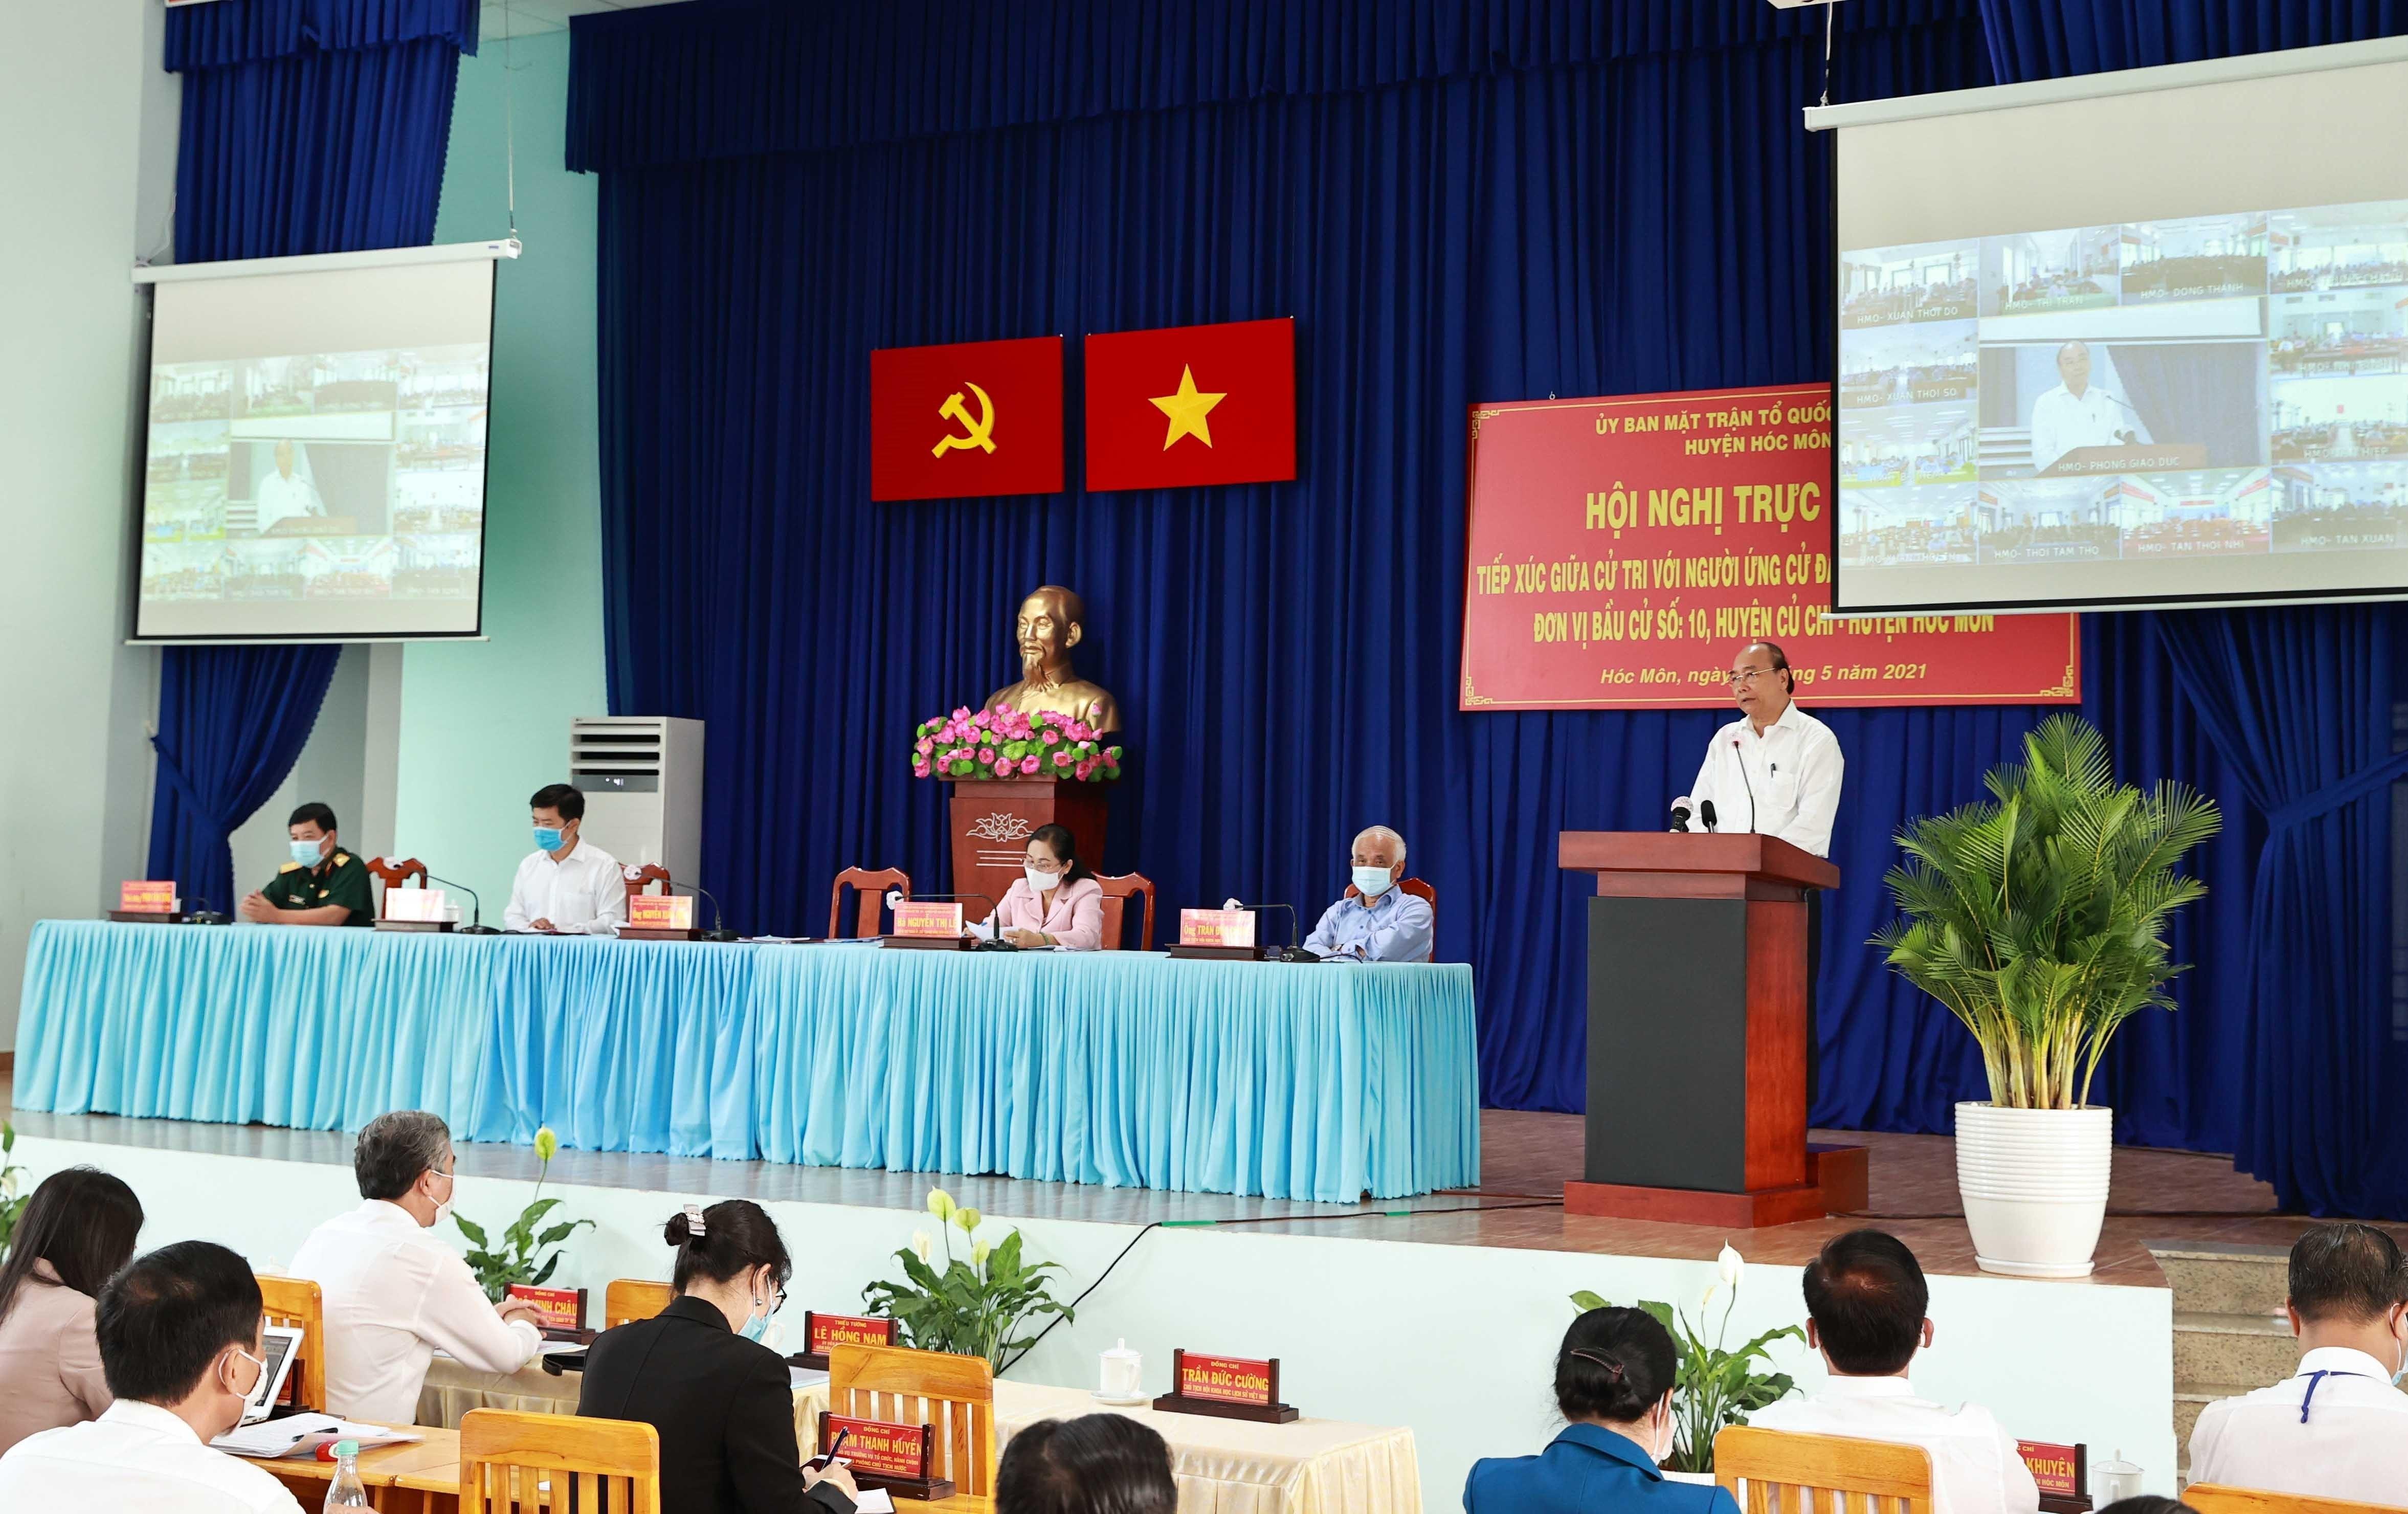 Chu tich nuoc: Thanh pho Ho Chi Minh phai la hinh mau cua ca nuoc hinh anh 1